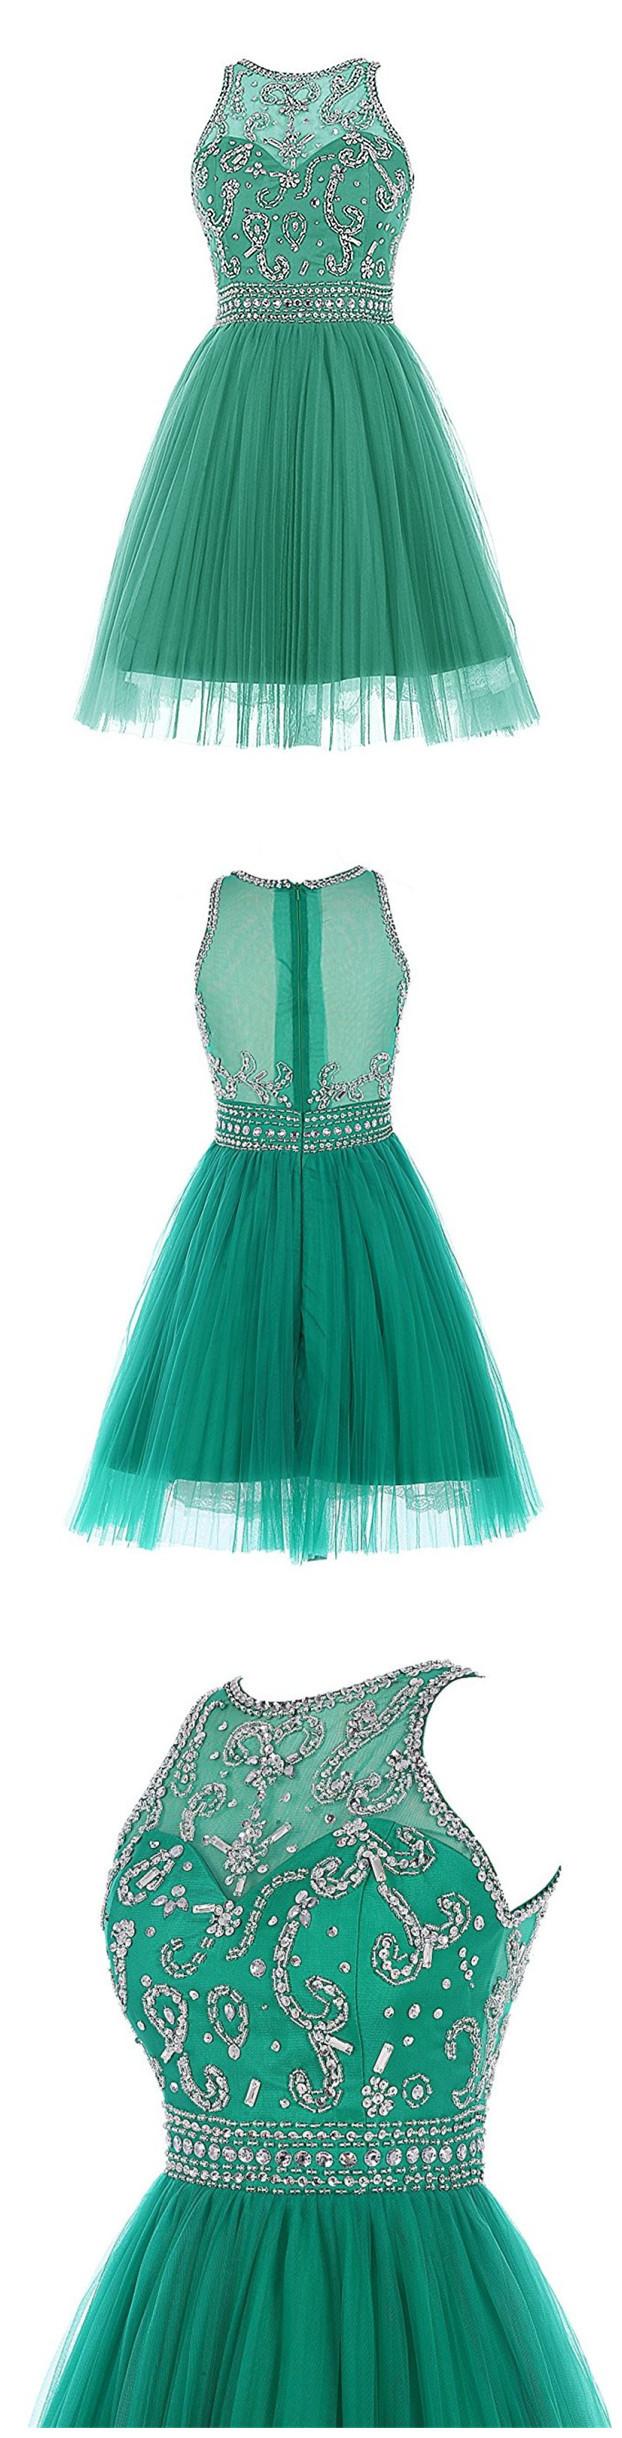 Elegant Green Tulle Beaded Short Prom Dress Homecoming Dress